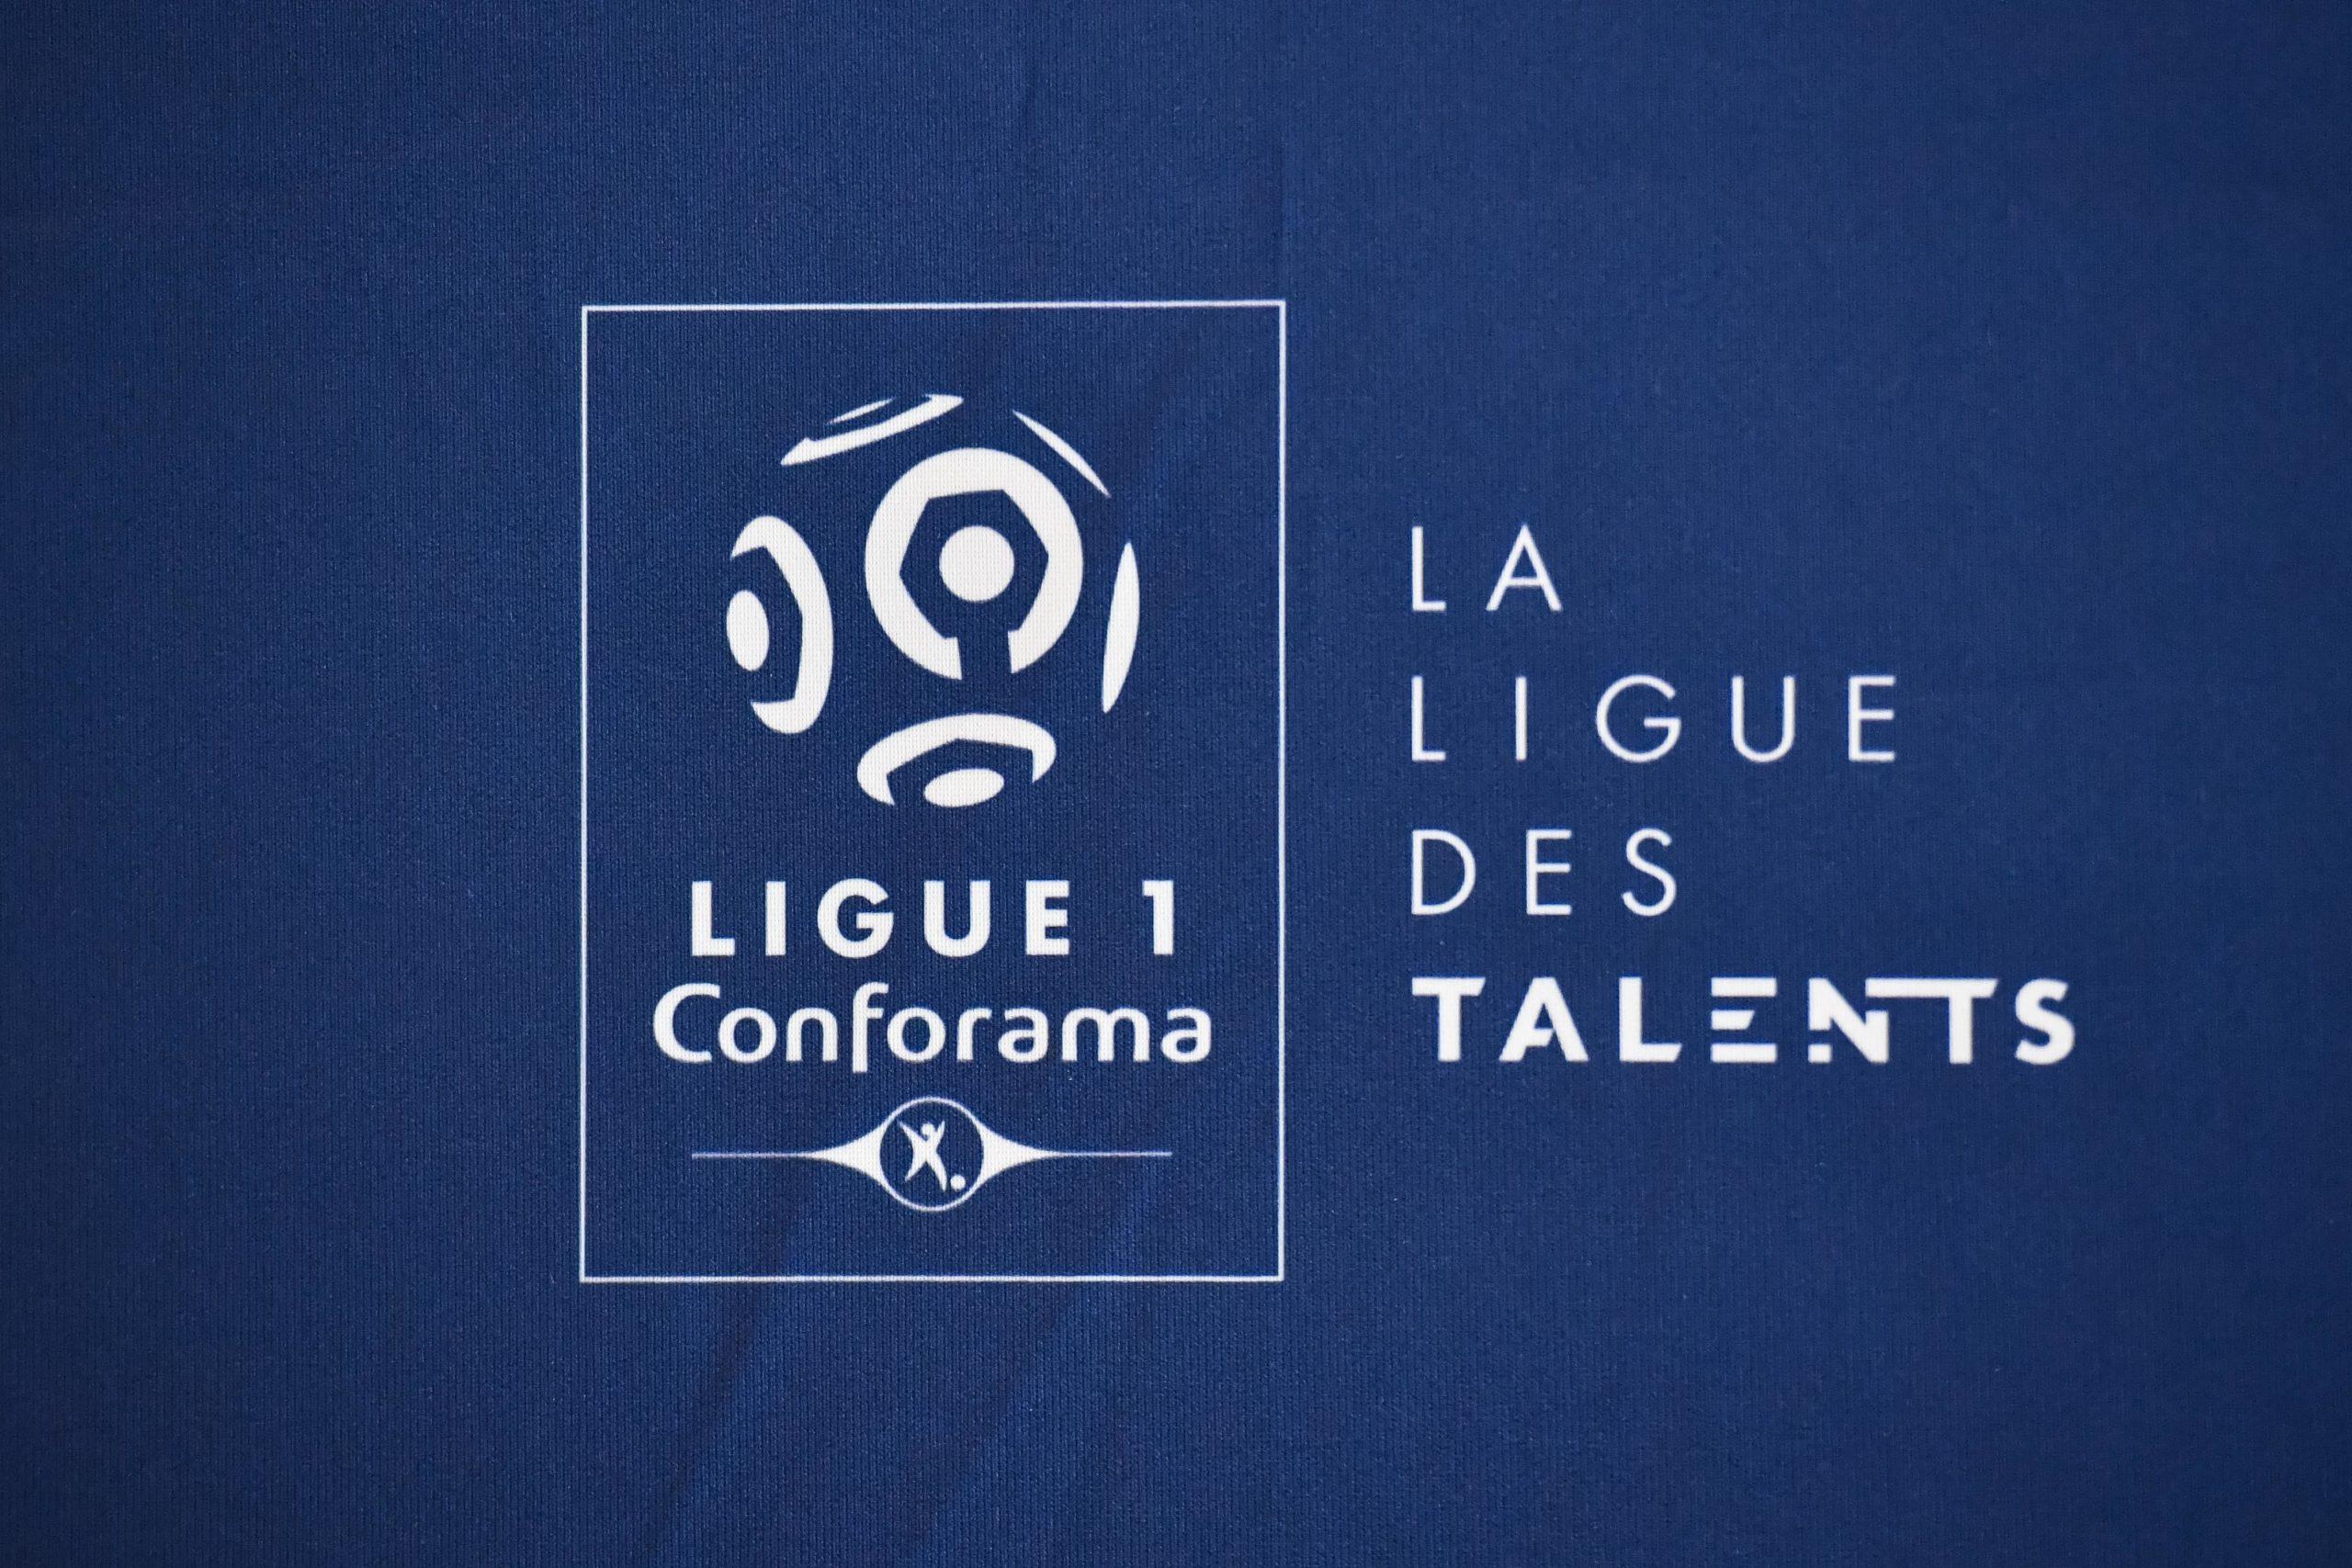 Le calendrier de la Ligue 1 2020-2021 est dévoilé, retrouvez les dates importantes